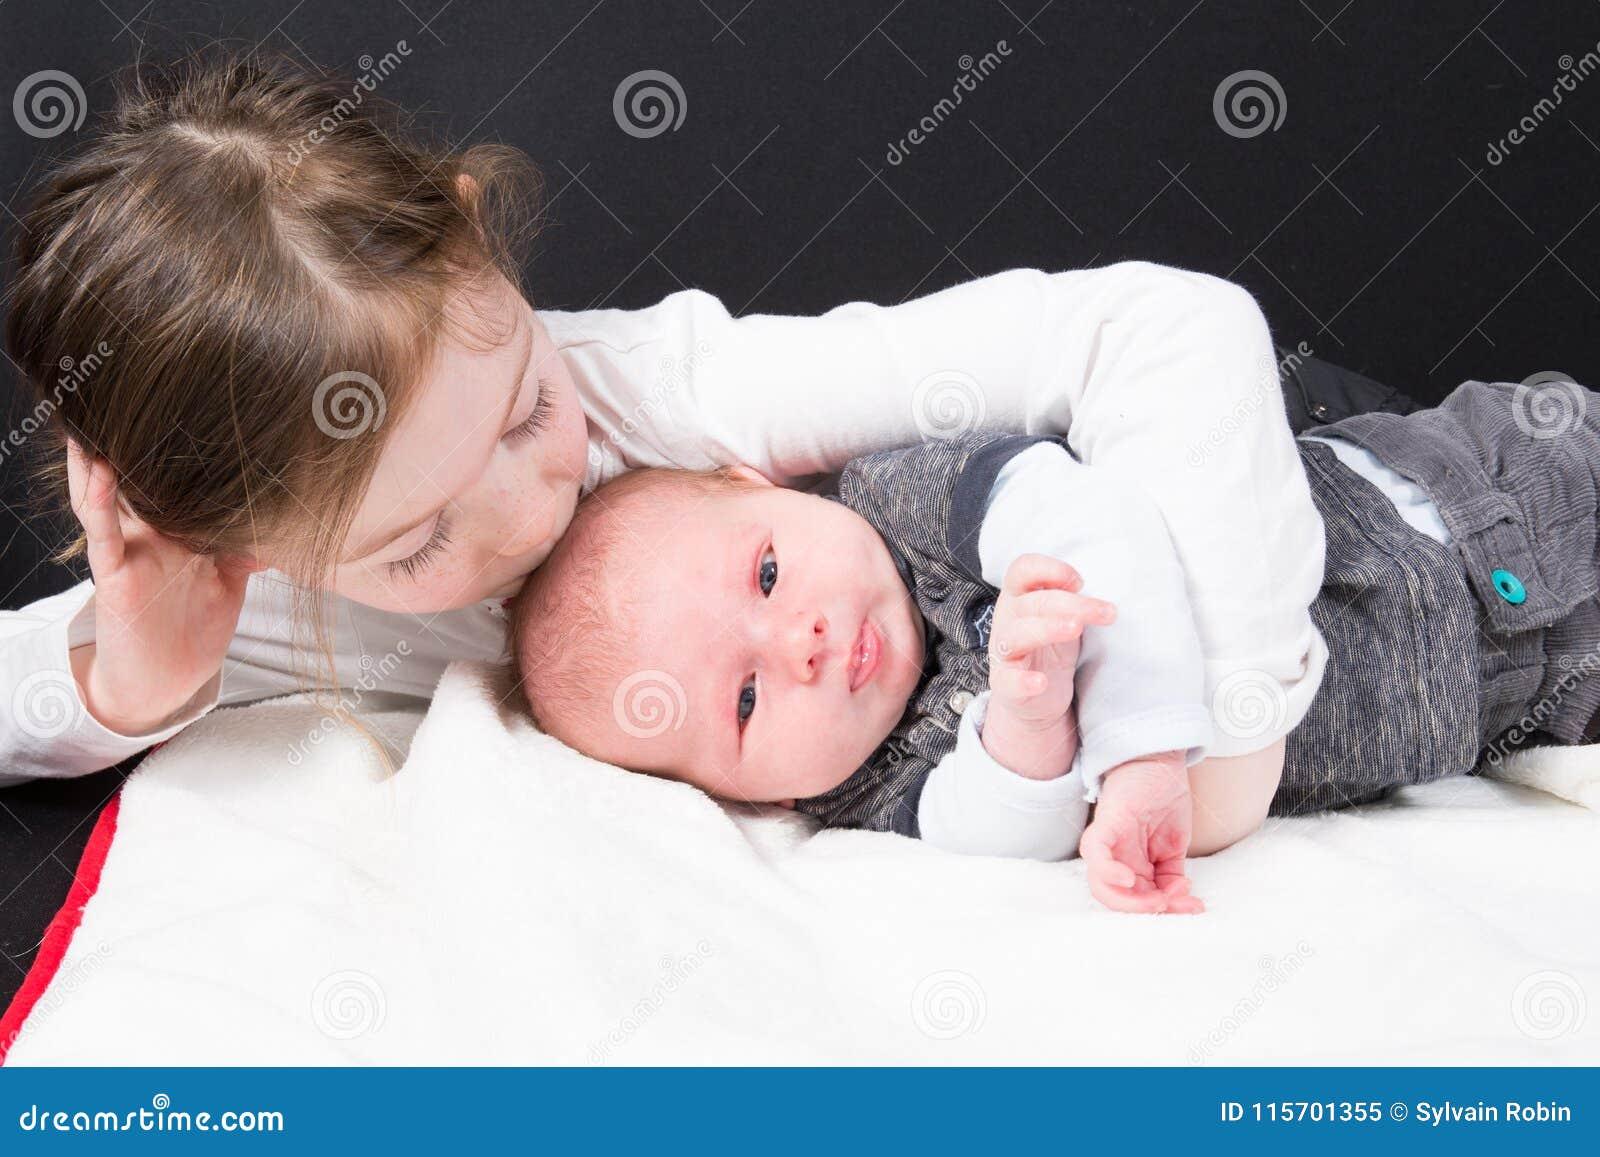 亲吻他的弟弟儿童小孩女孩和新出生的男婴家庭生活的概念的姐妹